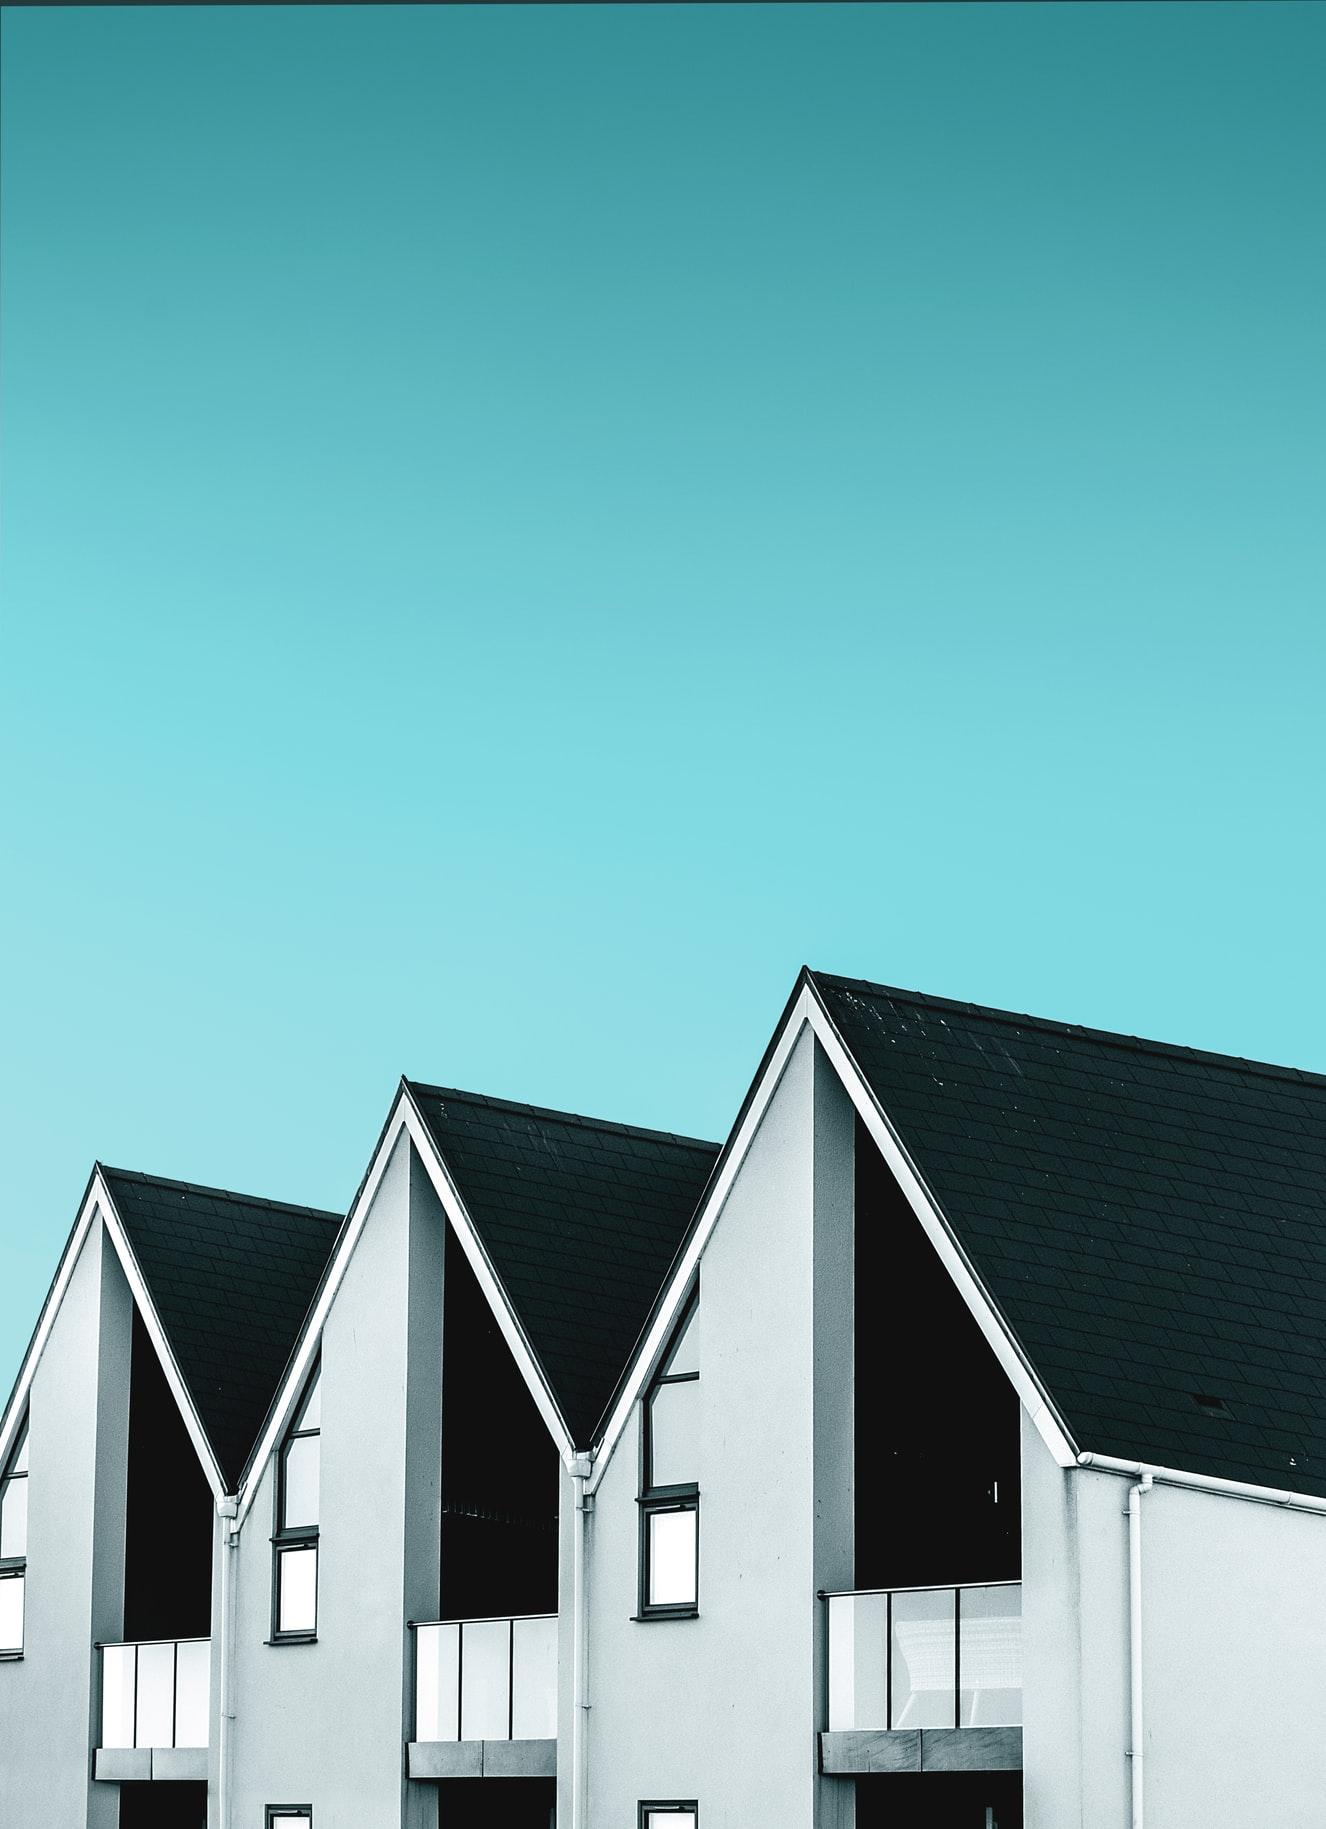 Immobilier : la visioconférence pour finaliser les ventes